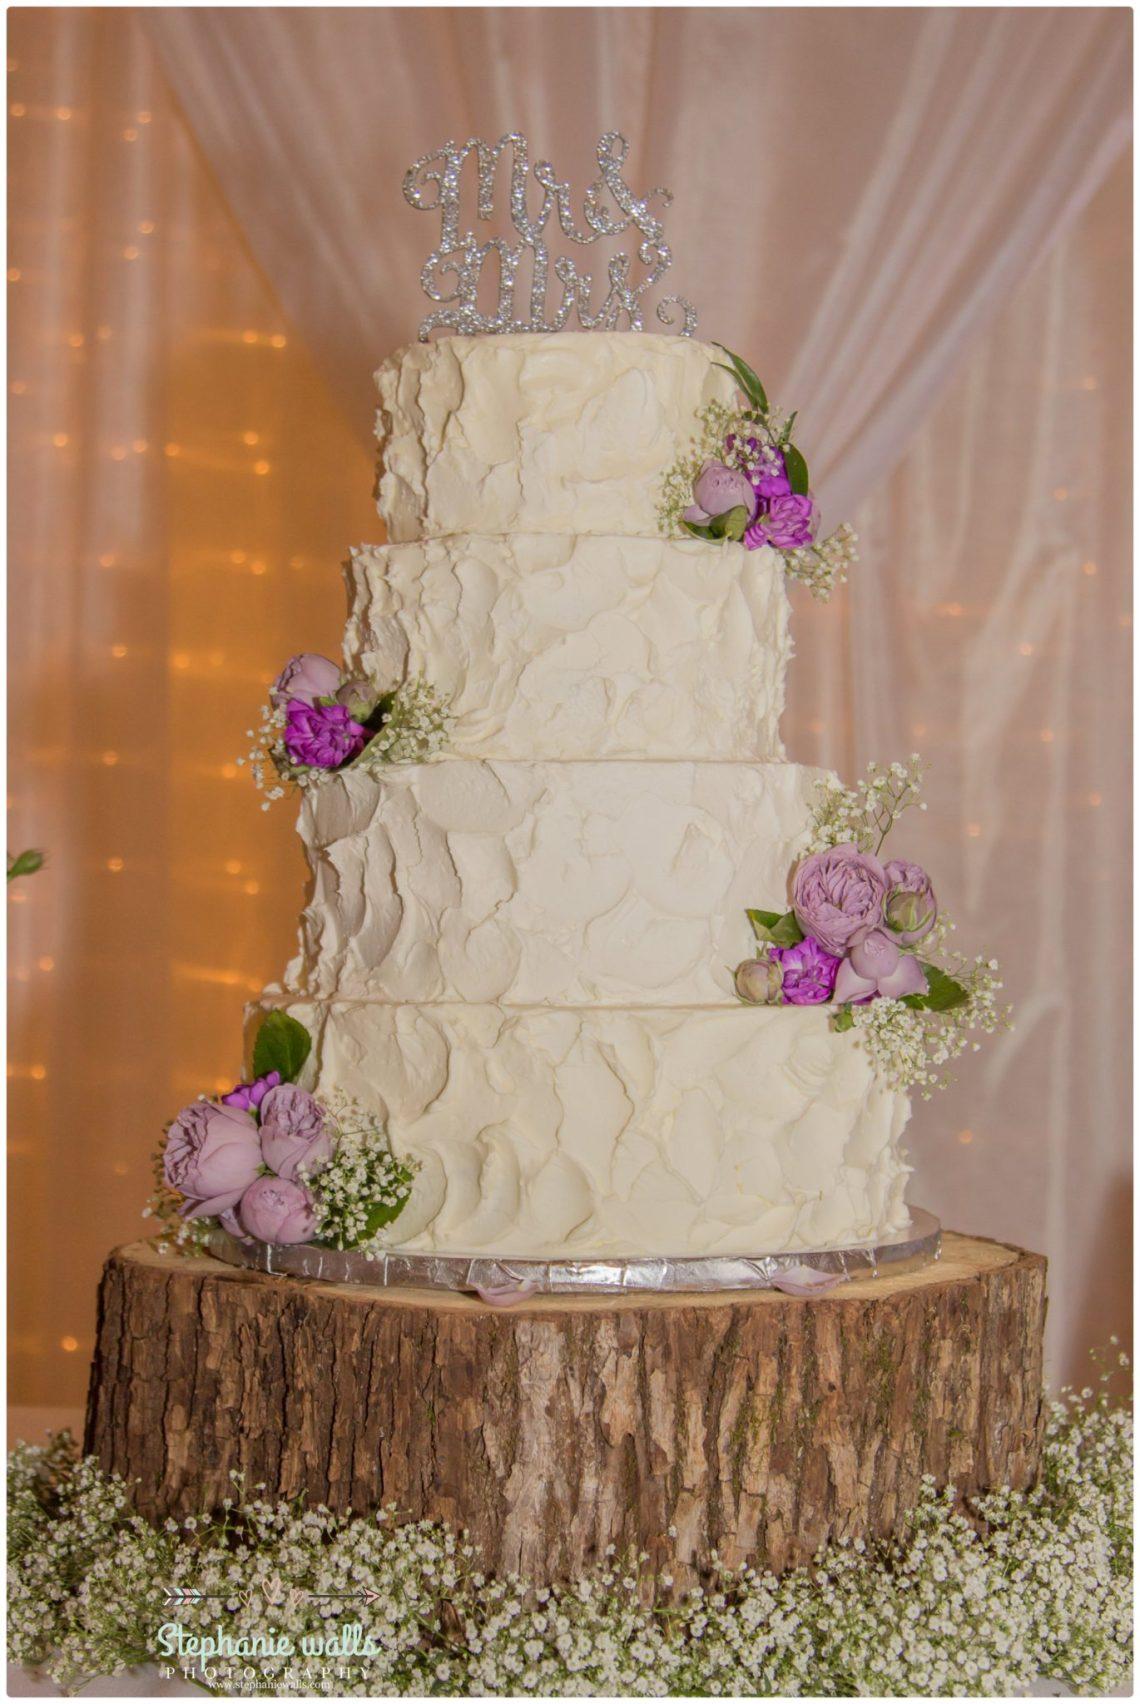 Schroeder Wedding 109 Grand Willow Wedding | Grand Willow Inn Mount Vernon Wedding